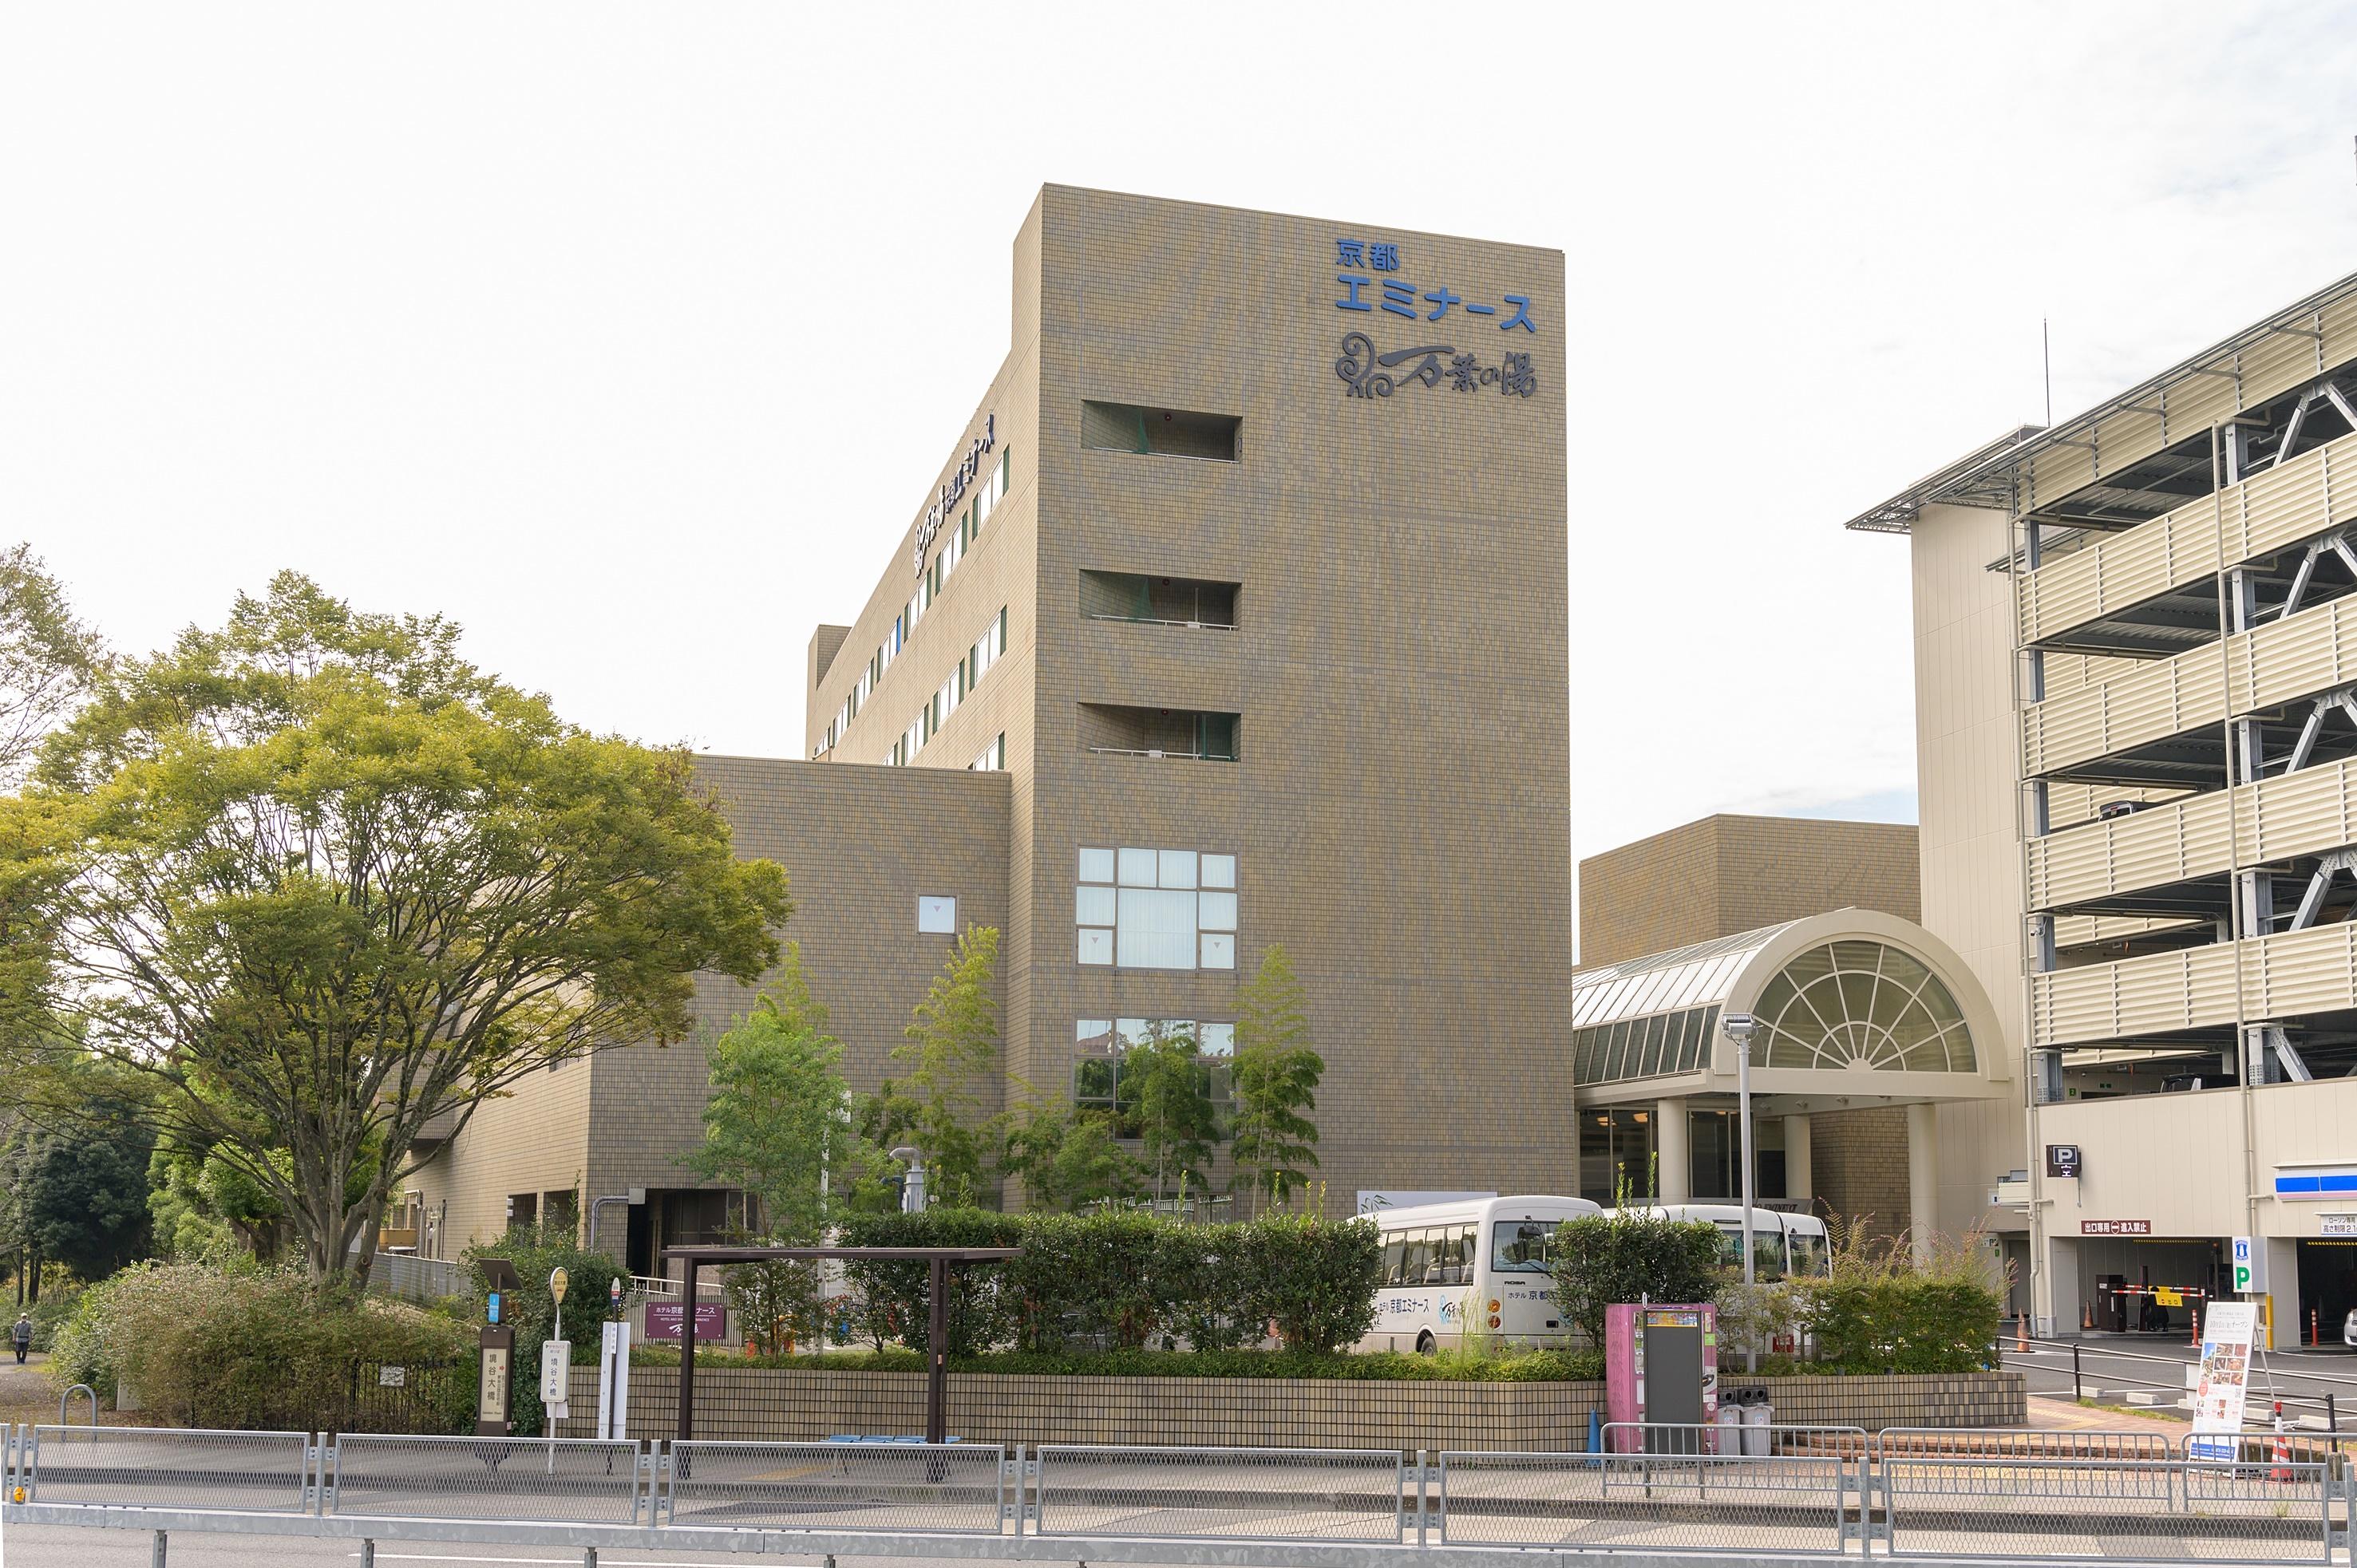 ホテル 京都エミナース